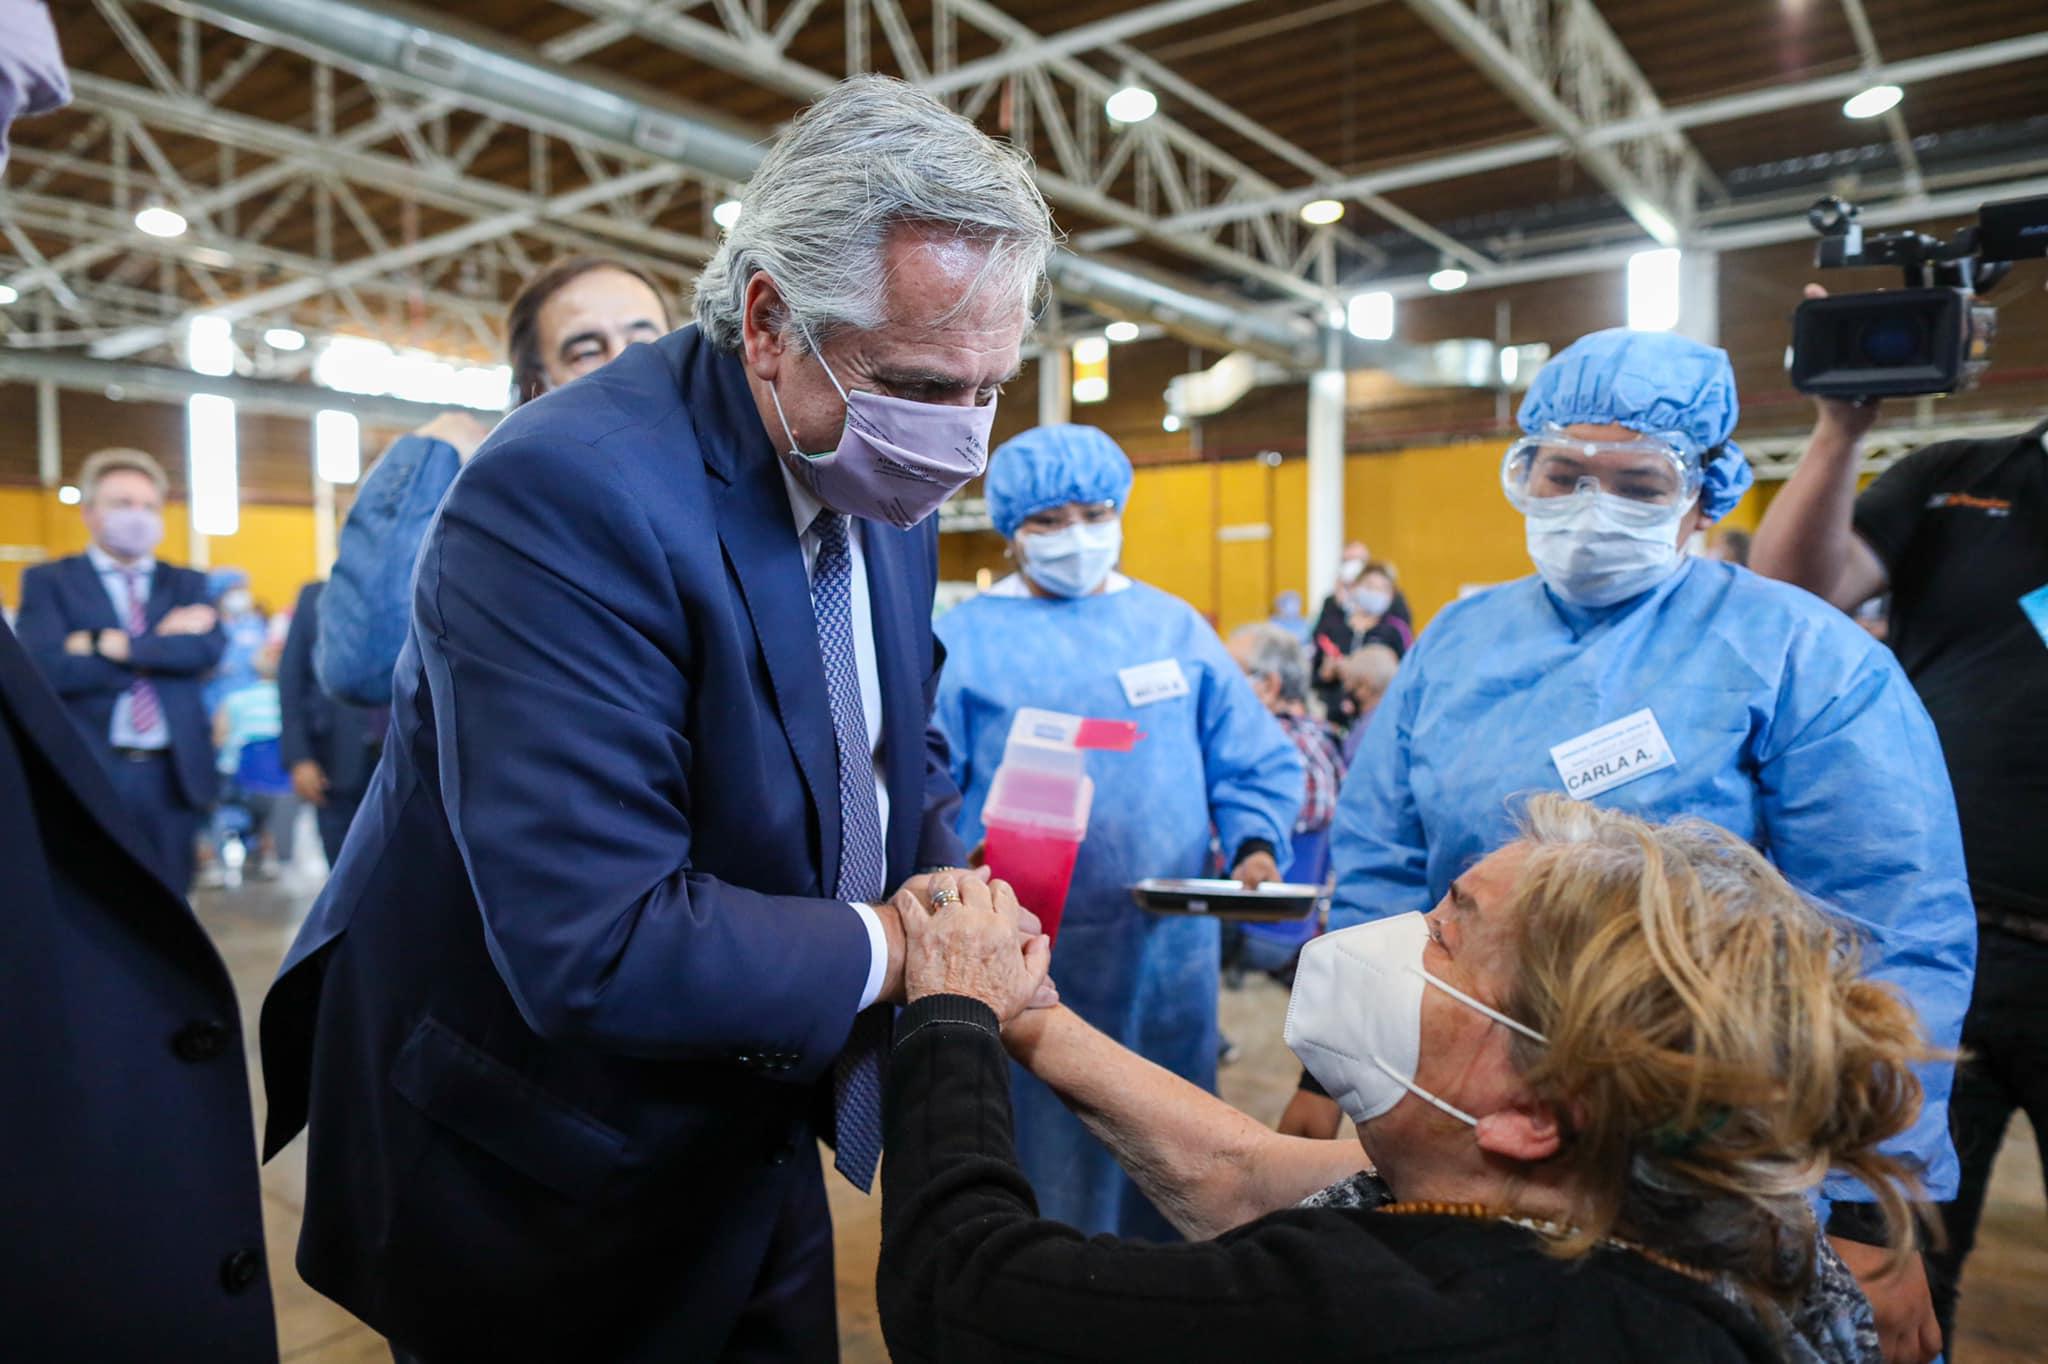 """Alberto Fernández intentó bajar el impacto de los reproches y dejó un mensaje al personal de salud: """"Cuentan con mi admiración diaria"""""""